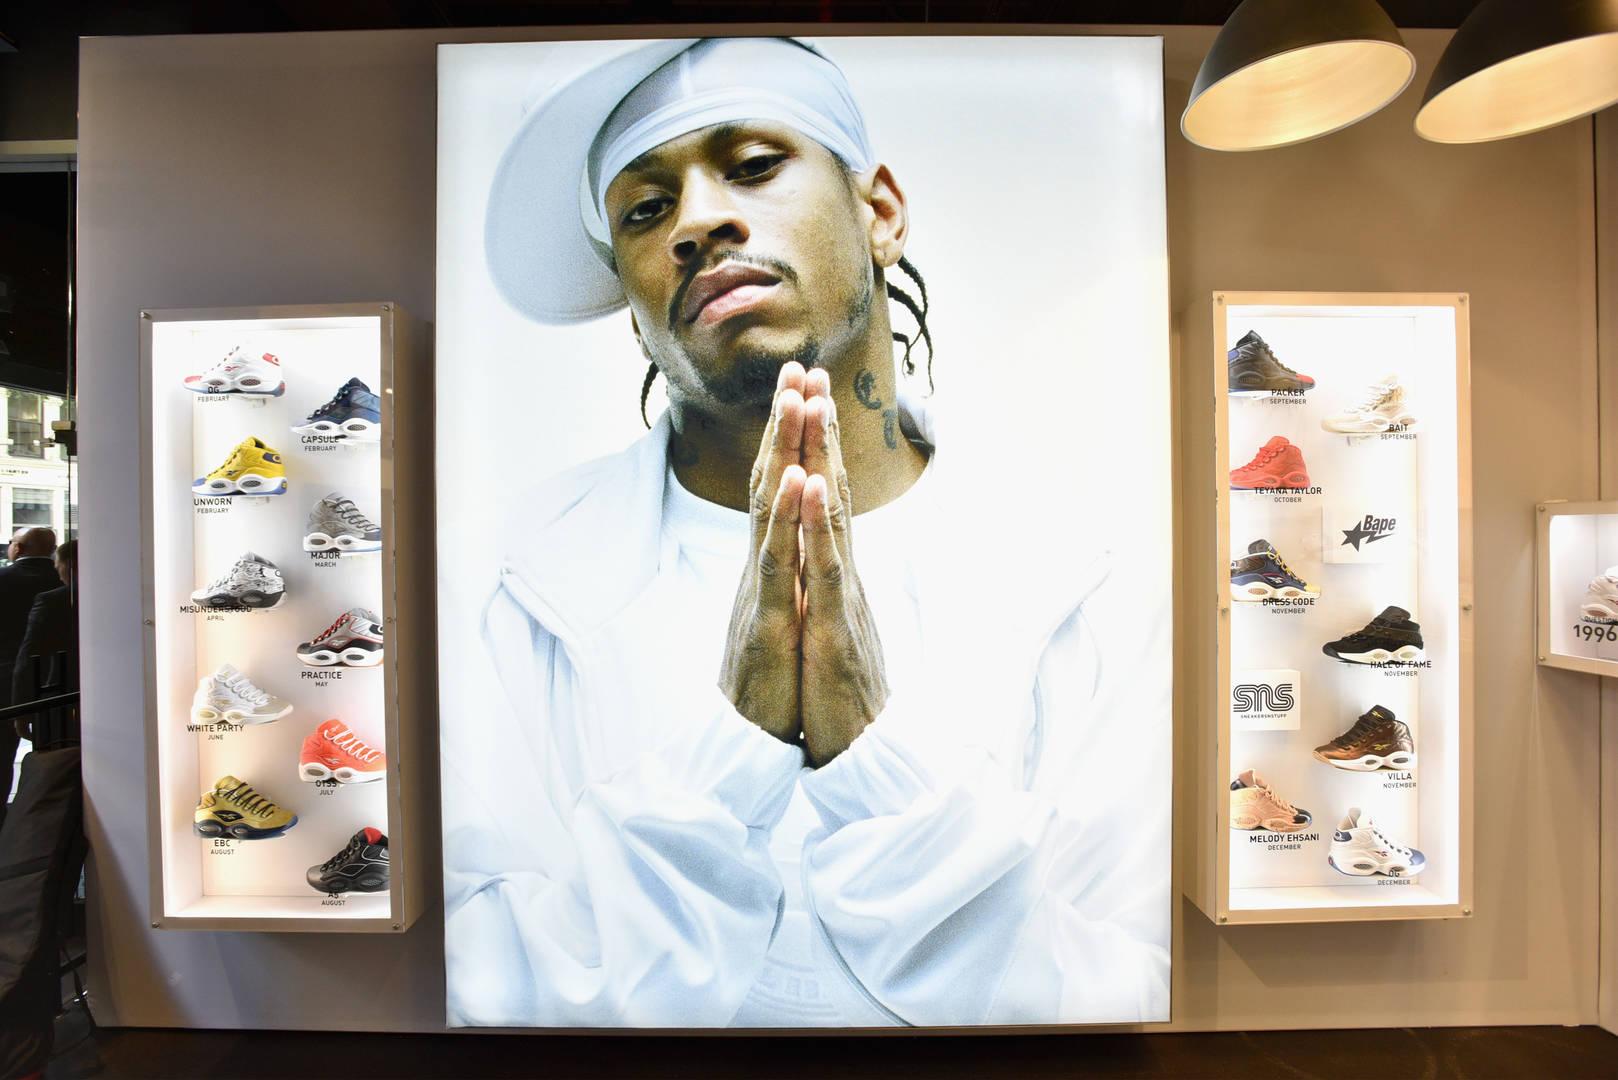 Adidas, Allen Iverson, Reebok